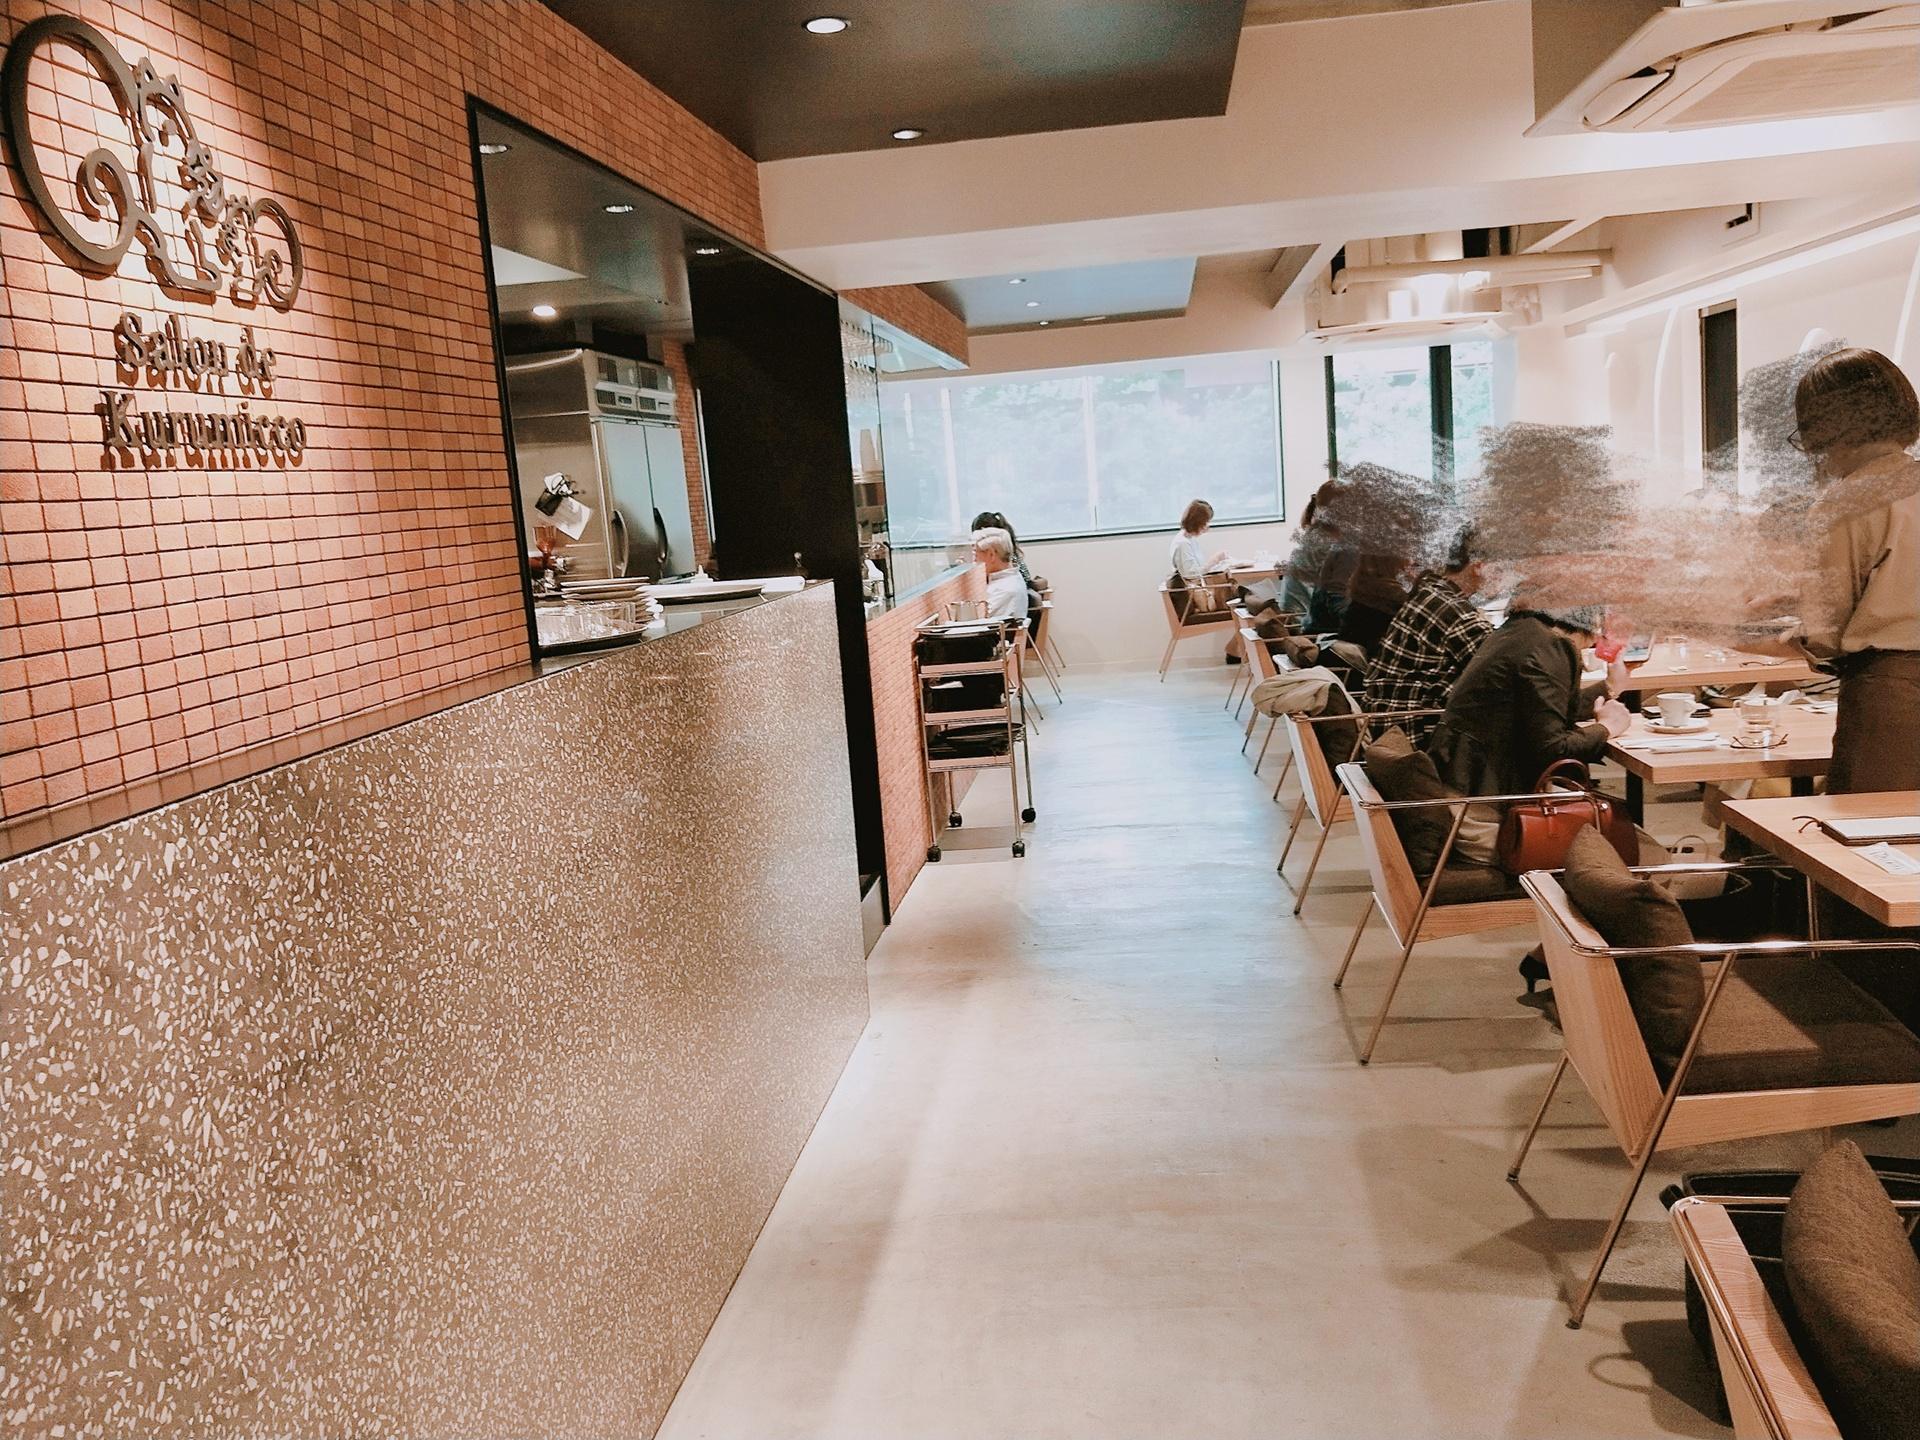 【鎌倉】売切続出「クルミッ子」がカフェに!期間限定プレートやパフェなど可愛いスイーツ♡_1